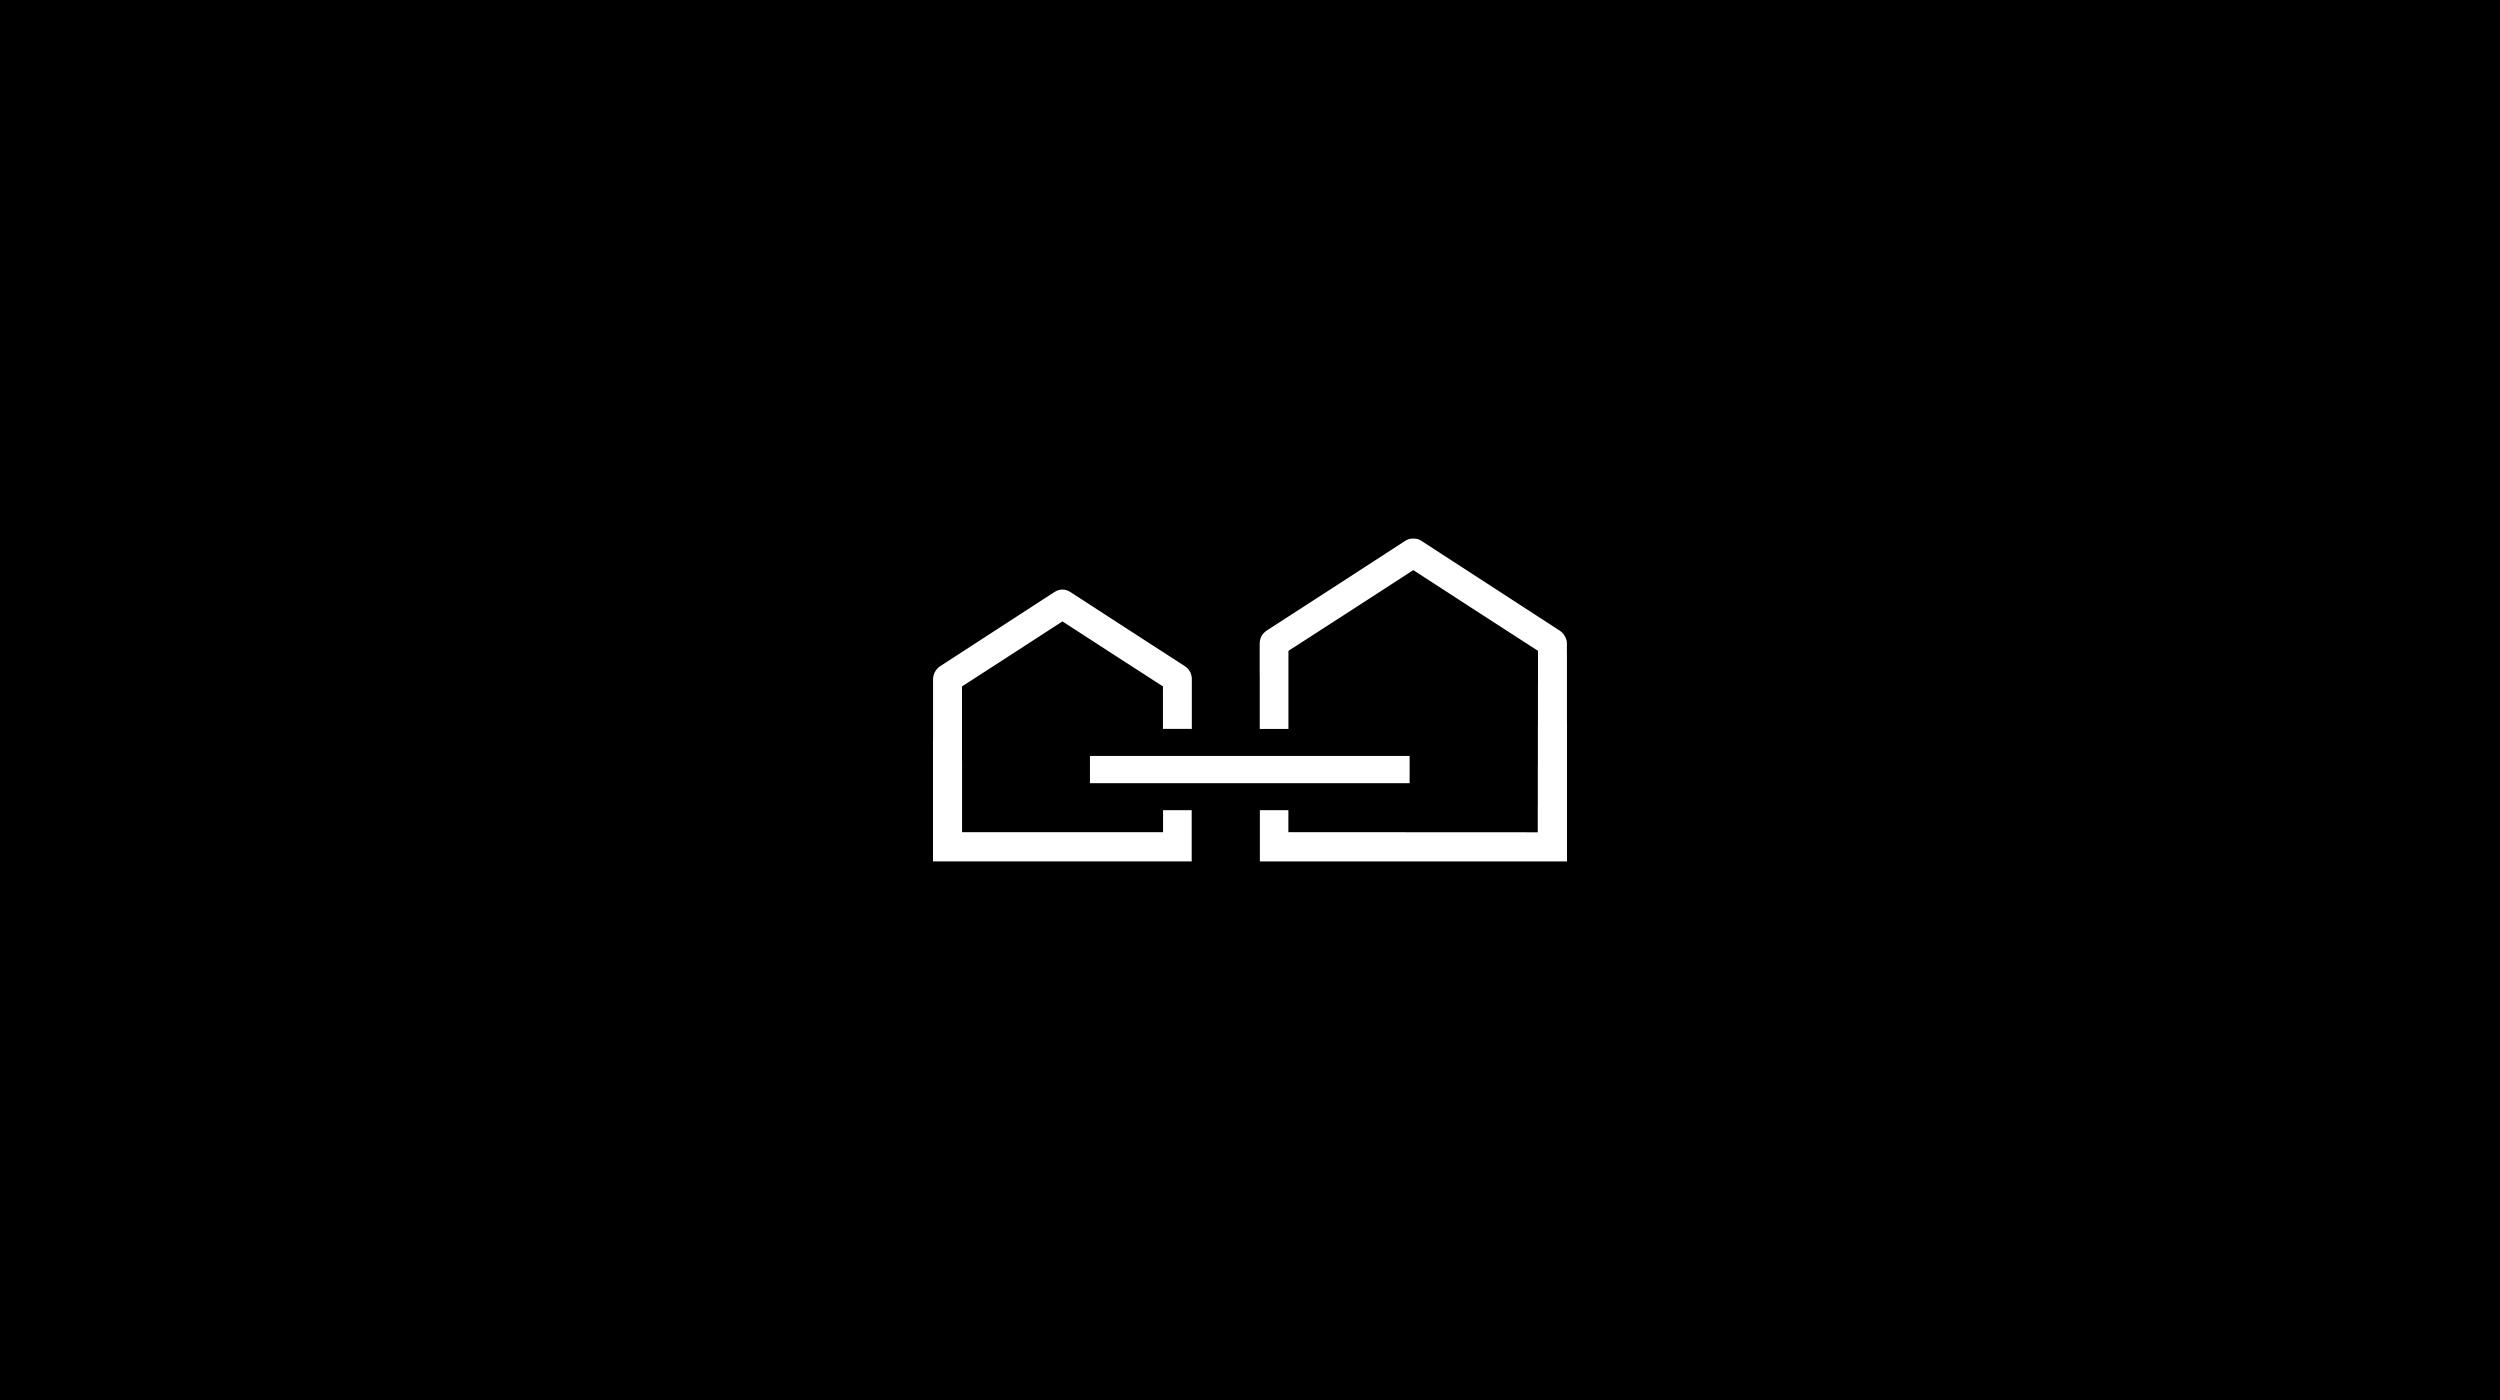 LCB-logomark.jpg